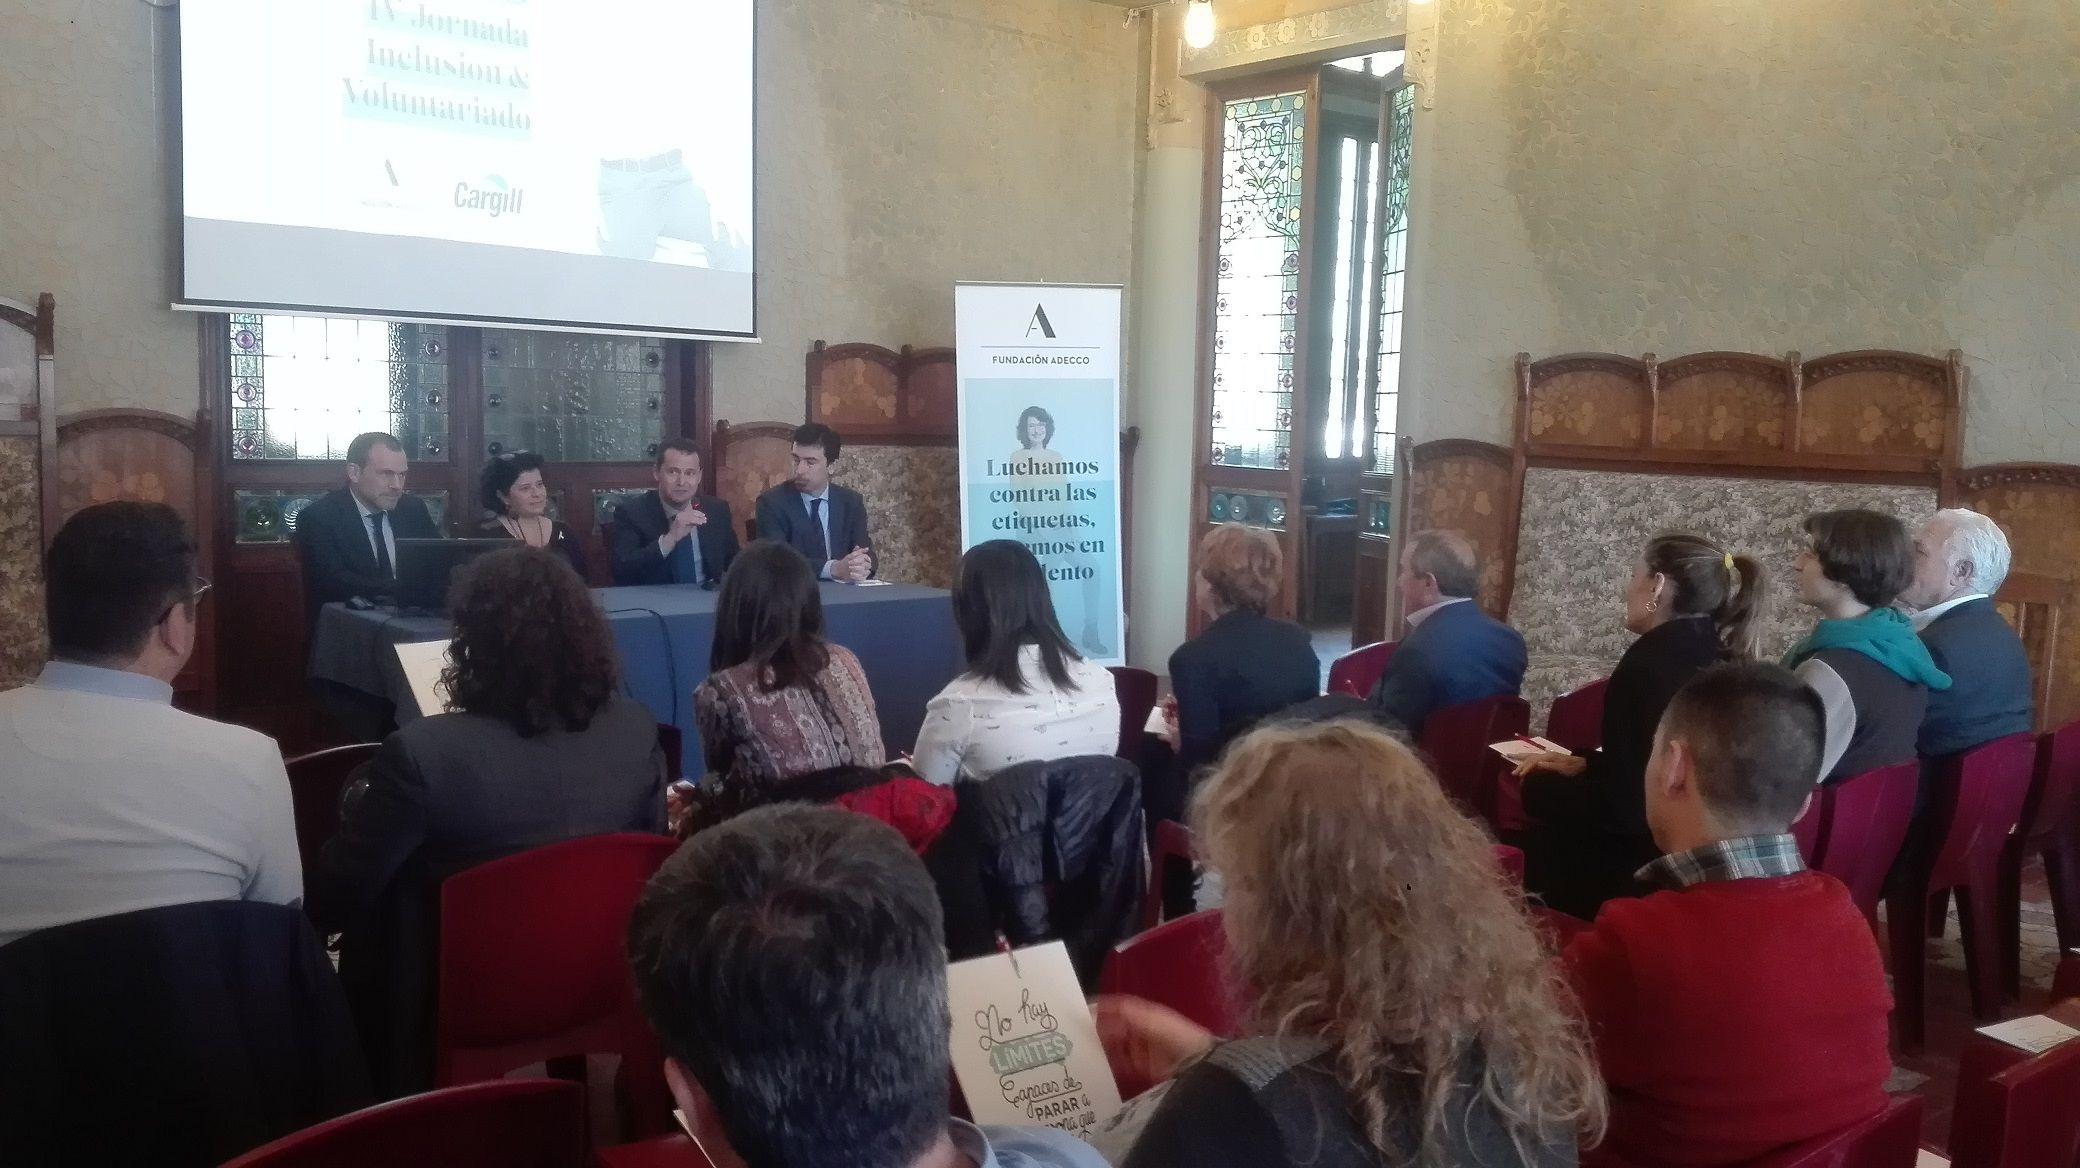 Foto de Jornada Cargill y Fundación Adecco